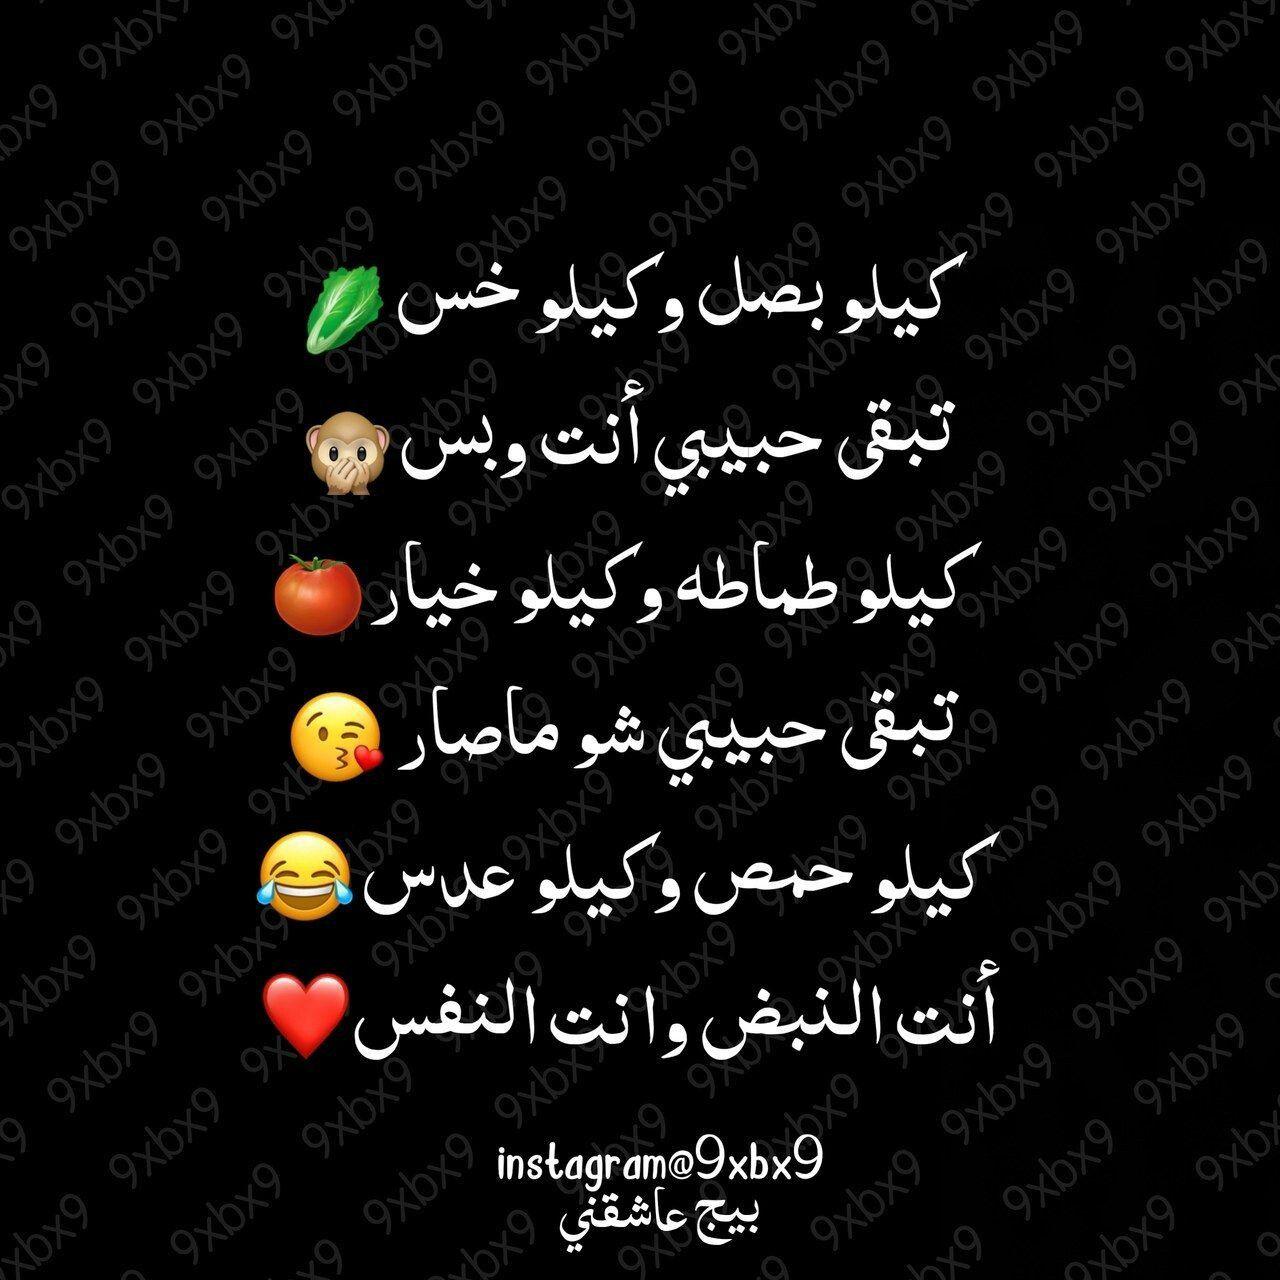 غزل عراقي حب شعر Photo Quotes Arabic Love Quotes Romantic Quotes